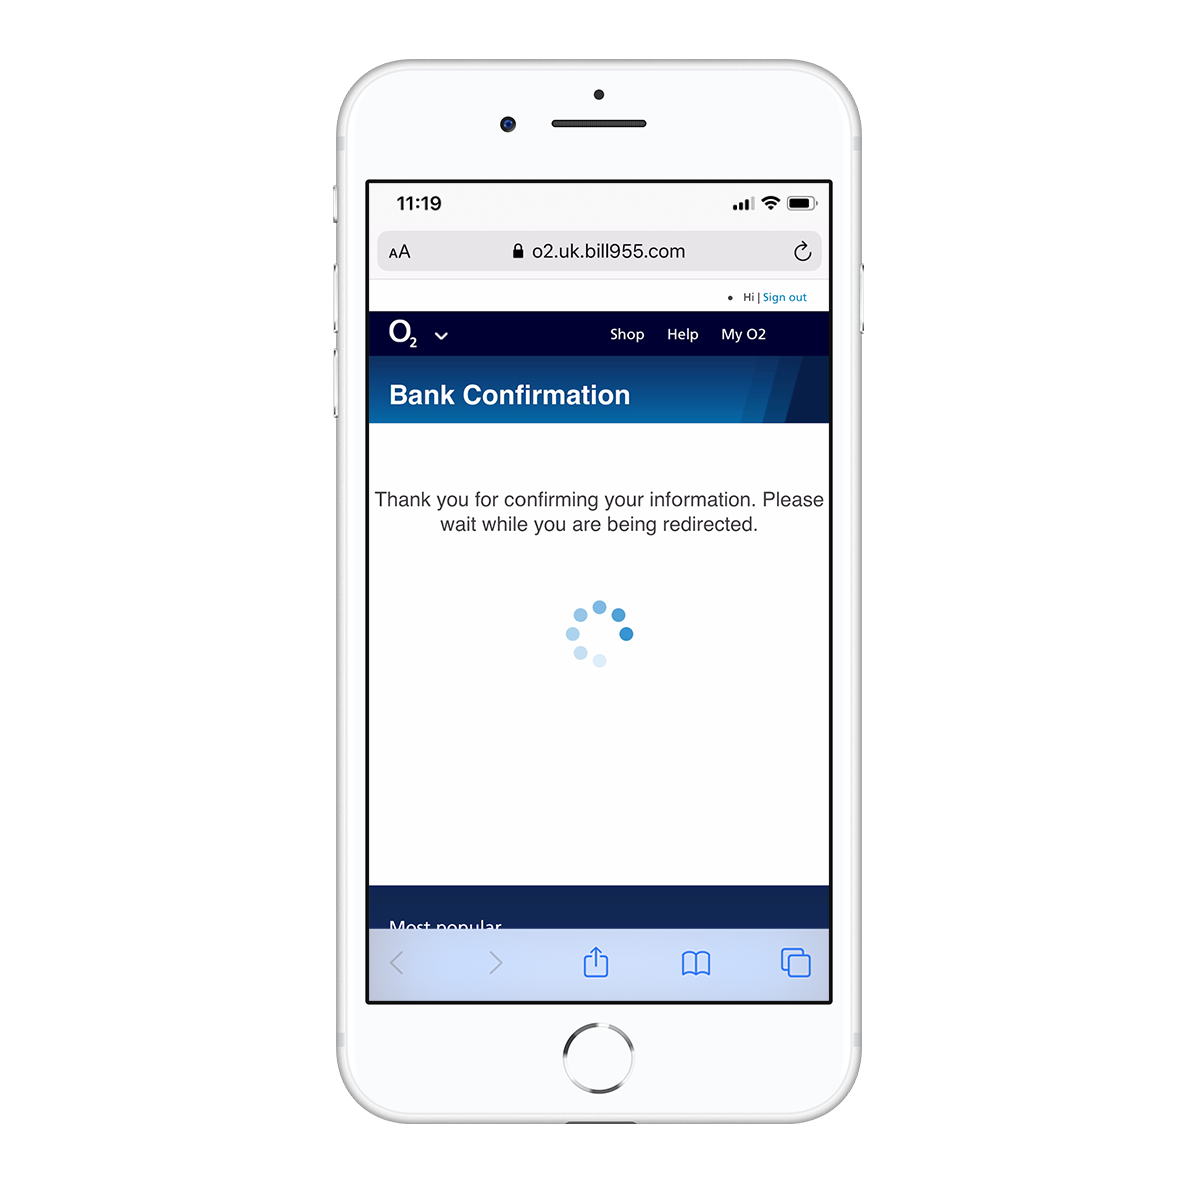 O2 text scam bank confirmation screen